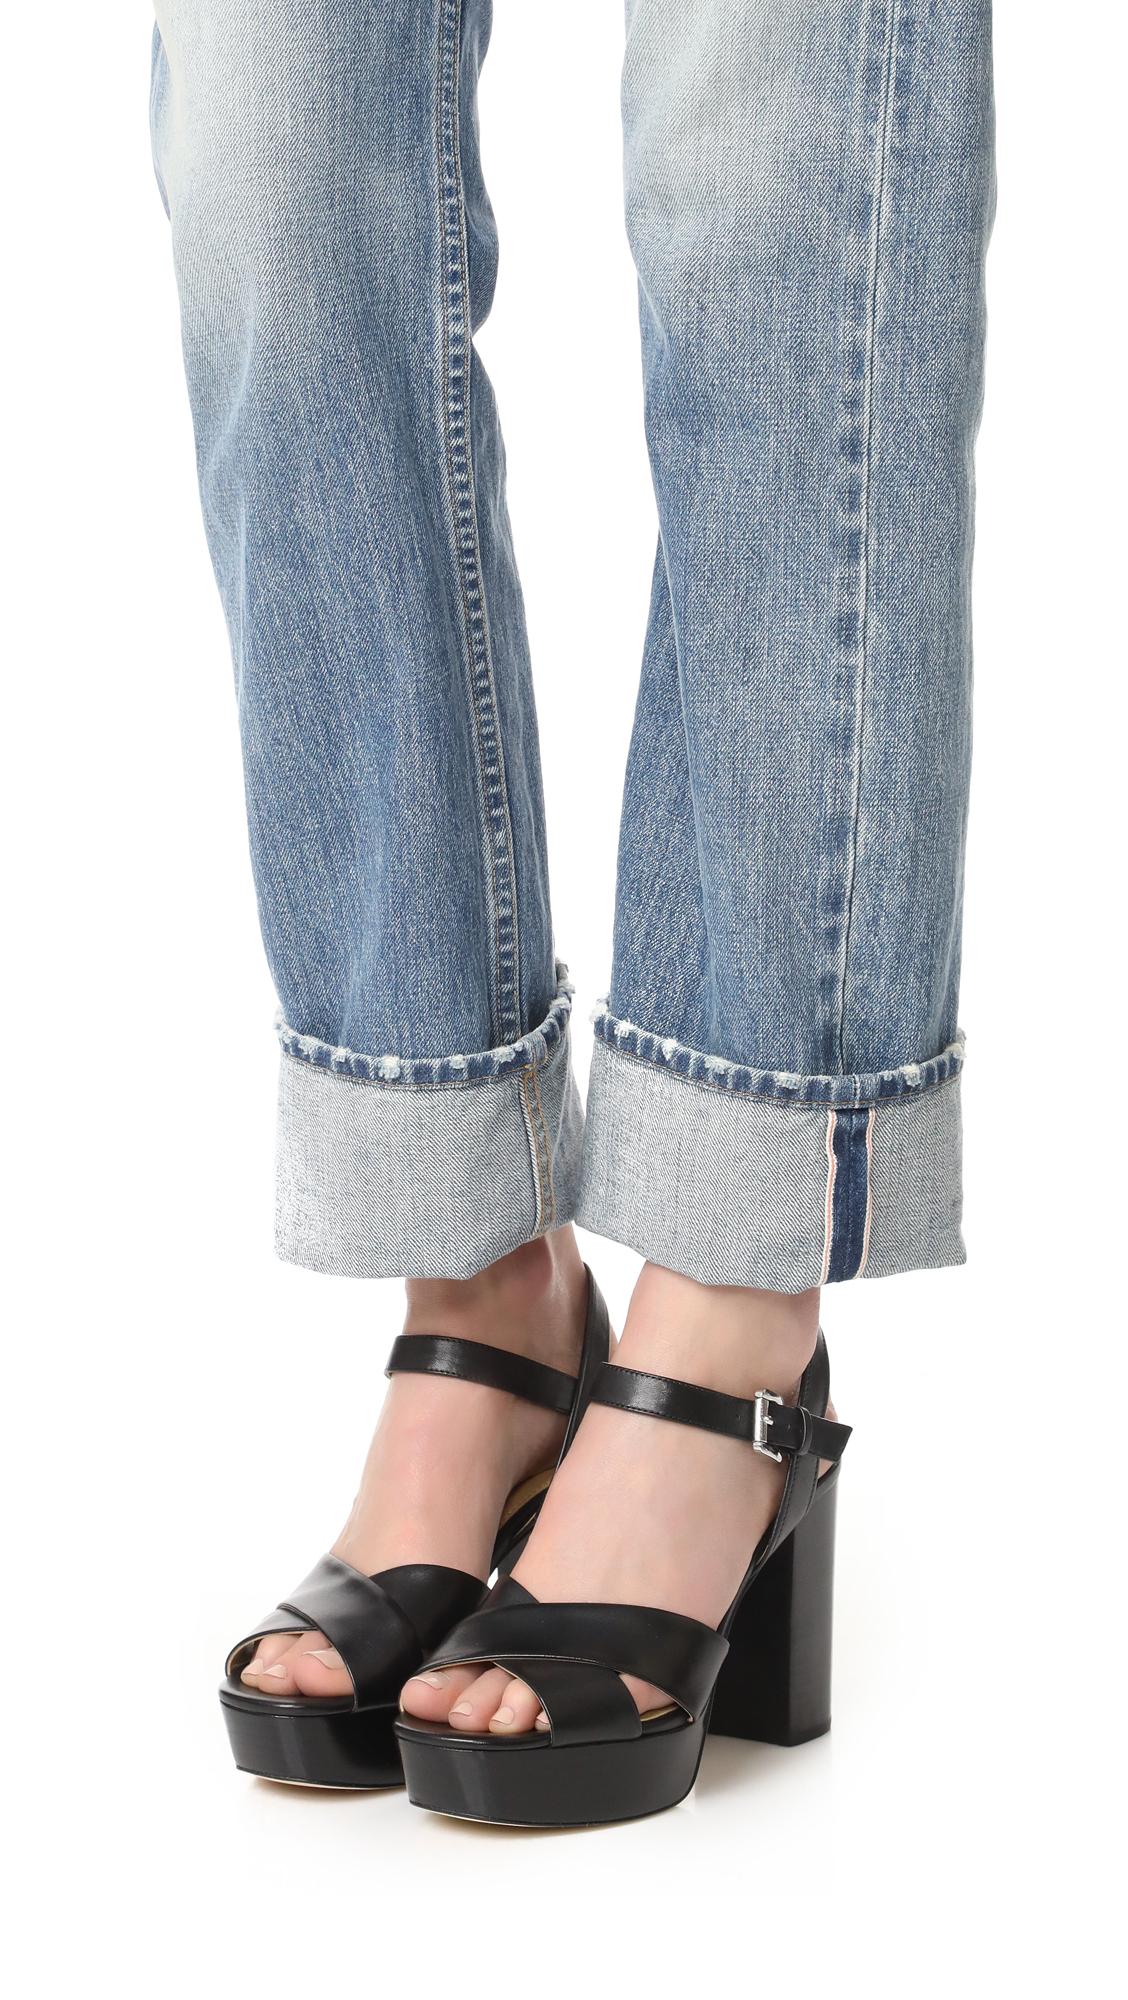 9b8f396e9ed MICHAEL Michael Kors Divia Platform Sandals